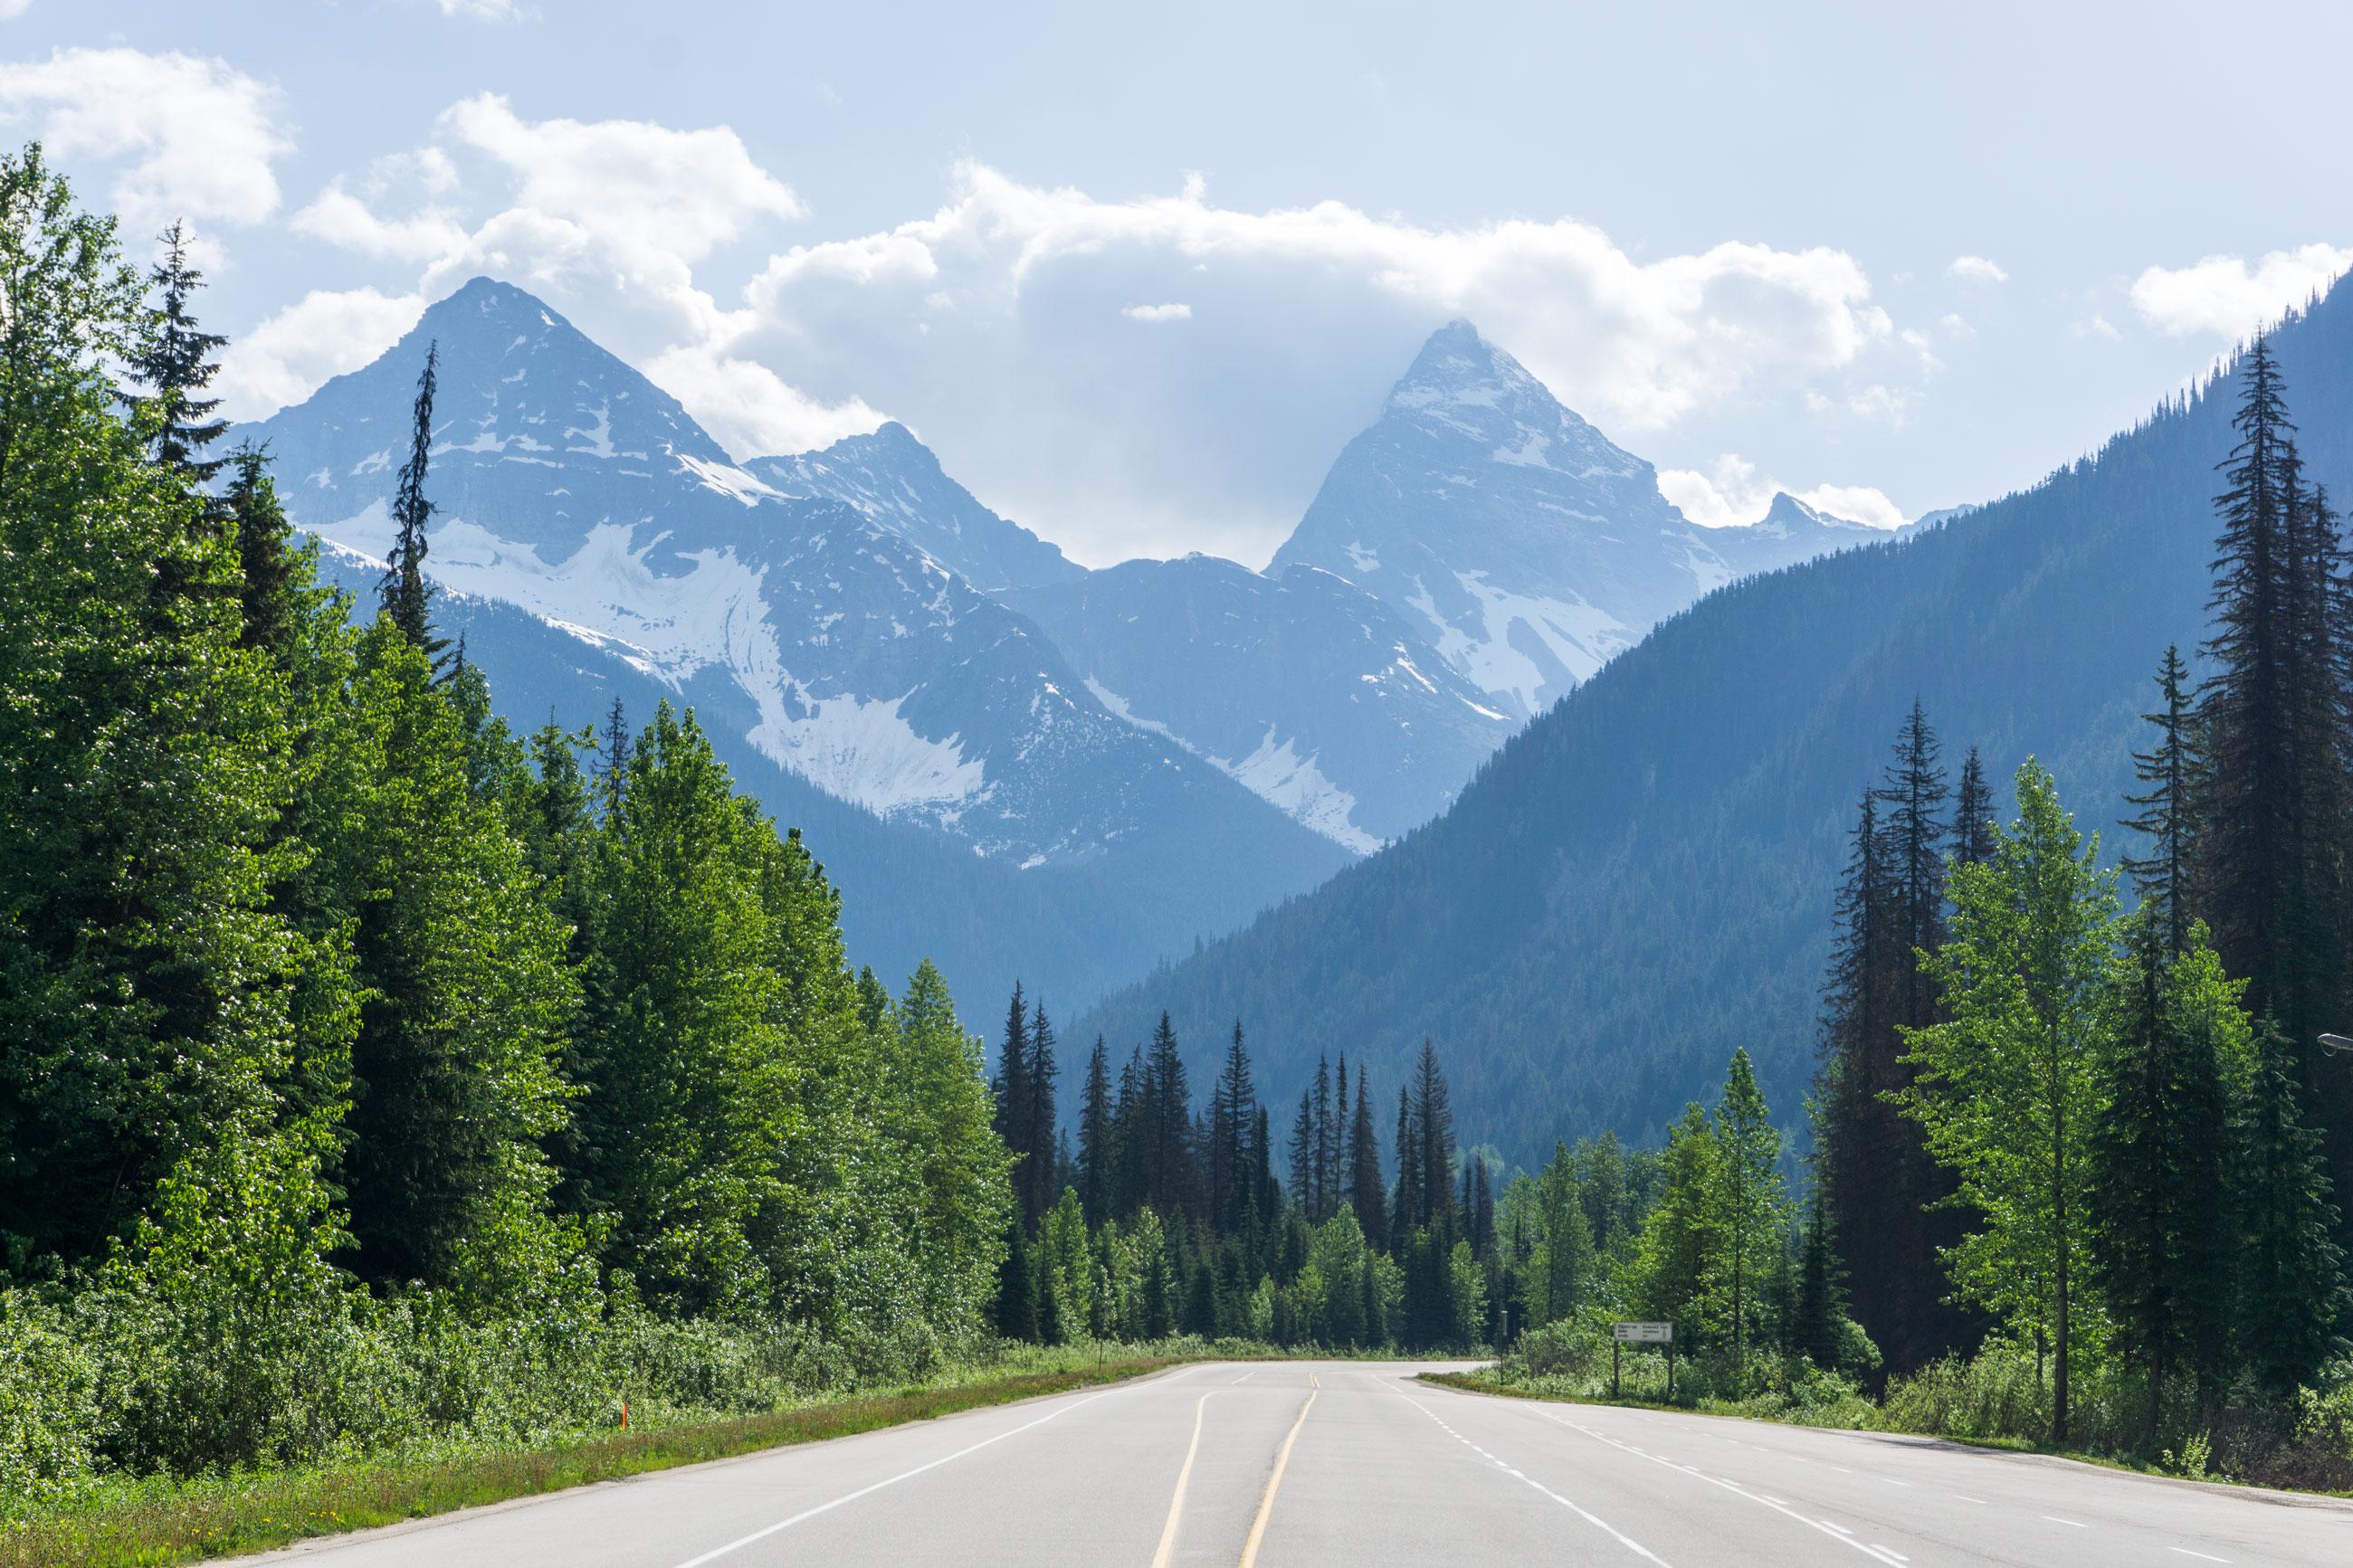 Co je potřeba zařídit, pokud chceš jet do Kanady?